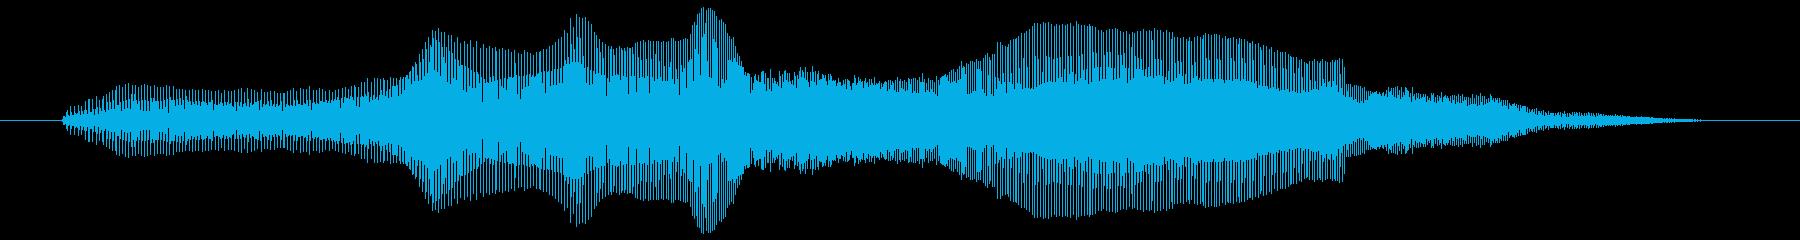 イヤーン♥ エフェクトなしの再生済みの波形